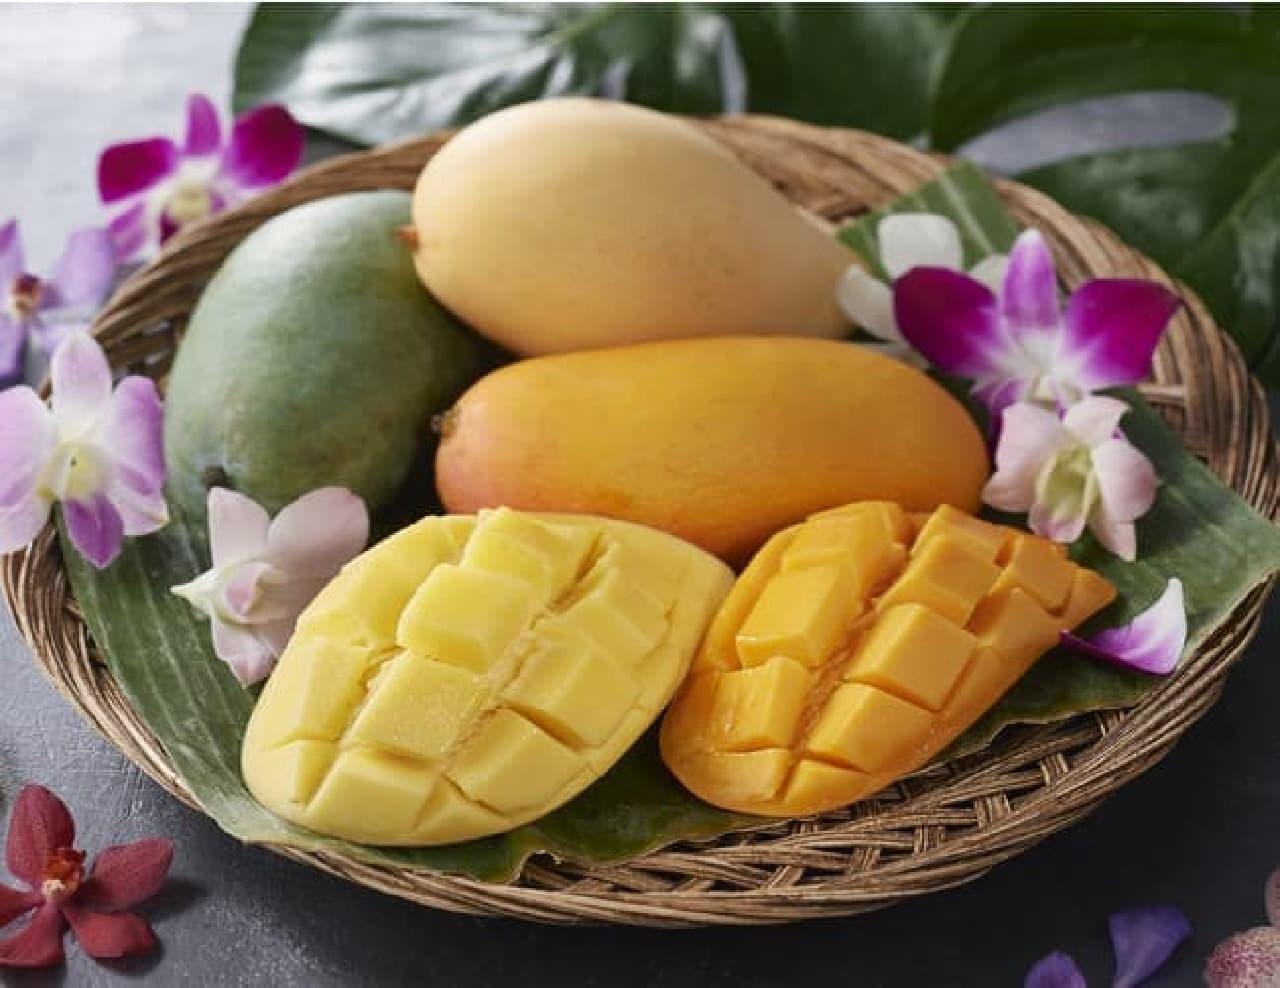 タイ産マンゴー「ナムドクマイ種」「キオサウェイ種」「マハチャノ種」